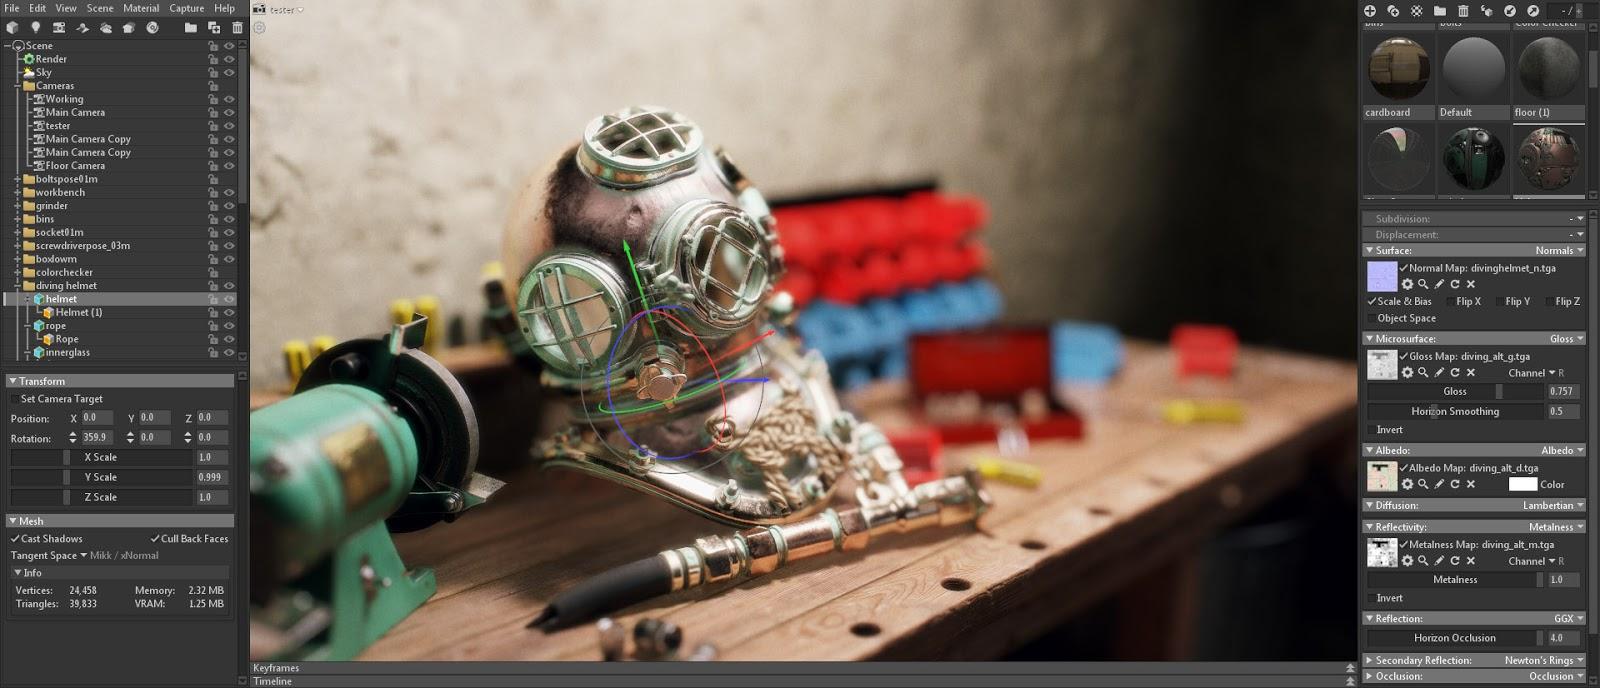 تحميل برنامج Marmoset Toolbag 3 0 2 كامل + الكراك - CG ART